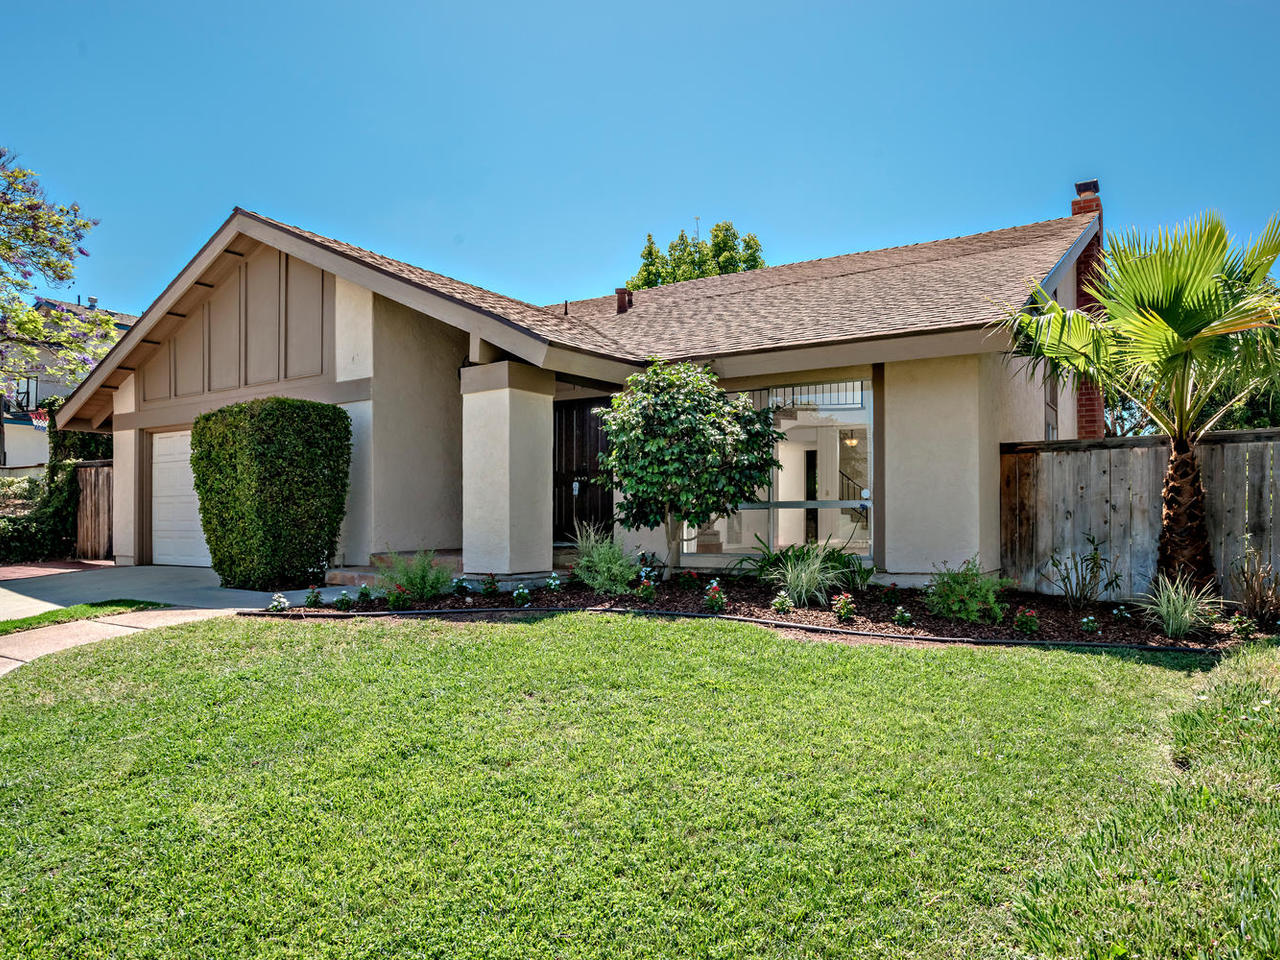 11383 Luz Place, Westwood, Rancho Bernardo, San Diego, CA 92127